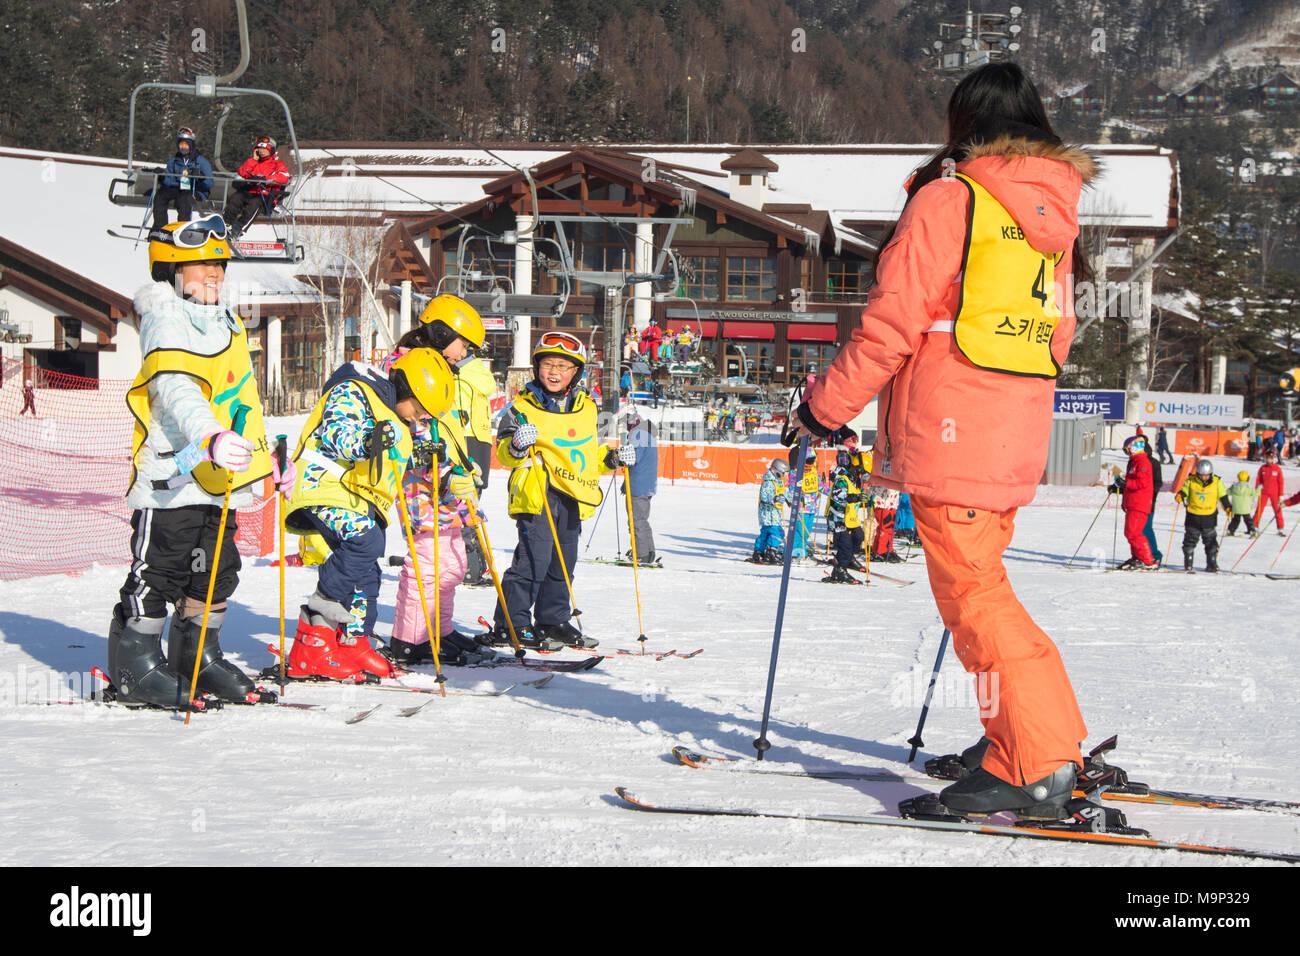 """Un profesor de esquí y un grupo de niños asiáticos en un conejito pendiente de Yongpyong. Yongpyong (Valle del dragón) Estación de Esquí es una estación de esquí en Corea del Sur, ubicada en Daegwallyeong-myeon, Pyeongchang, Gangwon-do. Es el mayor complejo de esquí y snowboard en Corea. Yongpyong acogerá la técnica eventos de esquí alpino de los Juegos Olímpicos y Paralímpicos de Invierno de 2018 en Pyeongchang. Algunas escenas del 2002 Sistema de Radiodifusión de Corea drama """"Sonata de Invierno"""" fueron filmadas en el complejo. Imagen De Stock"""